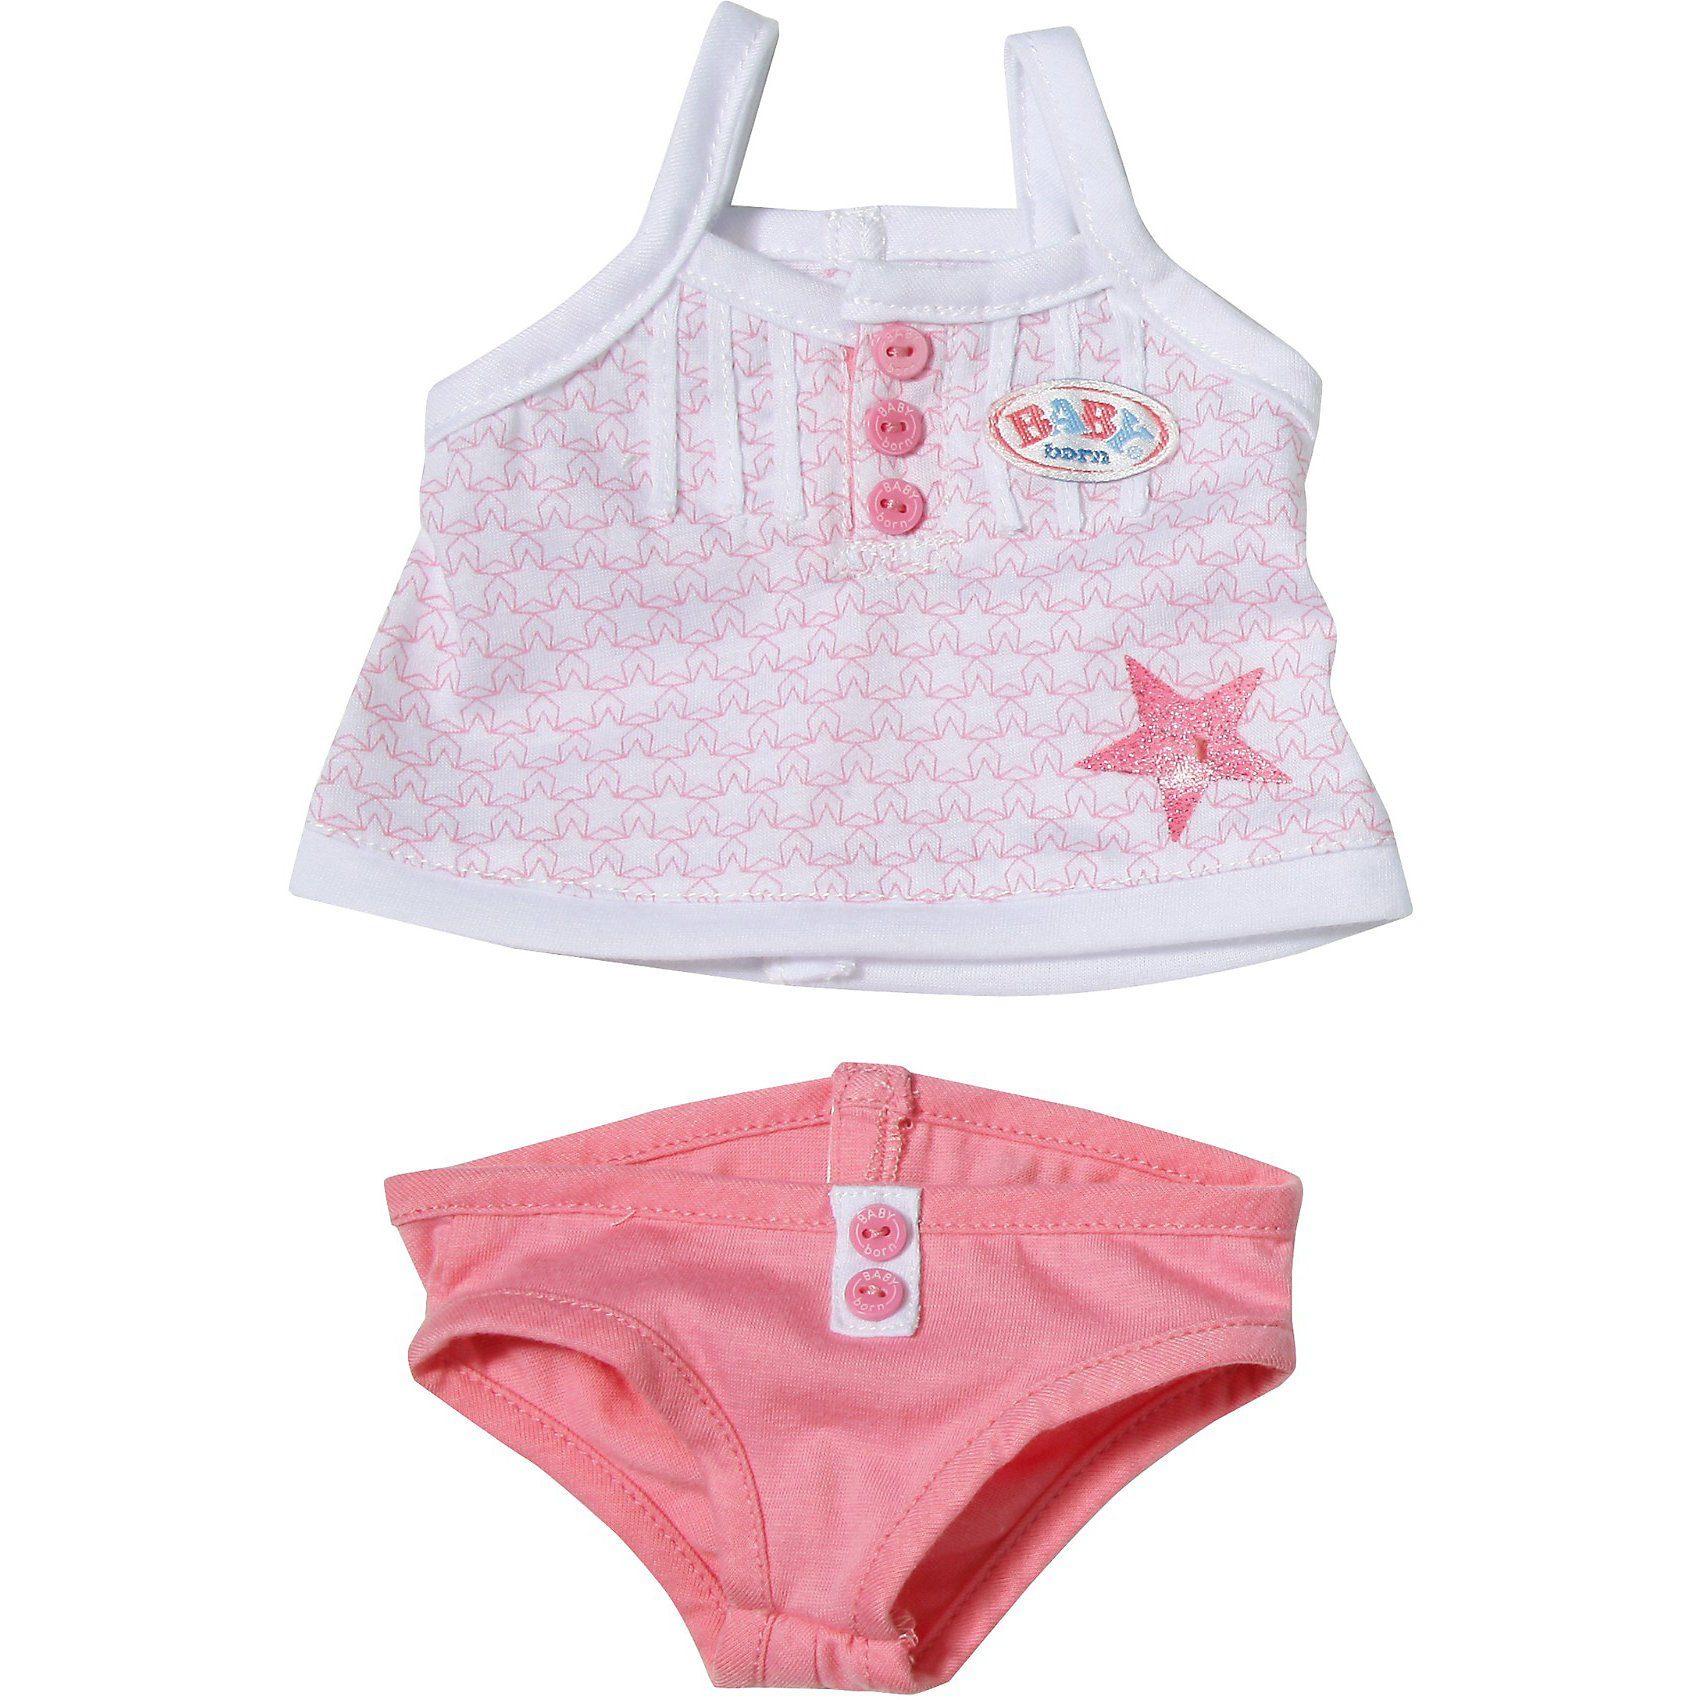 Zapf Creation BABY born® Puppenkleidung Unterwäsche Slip pink